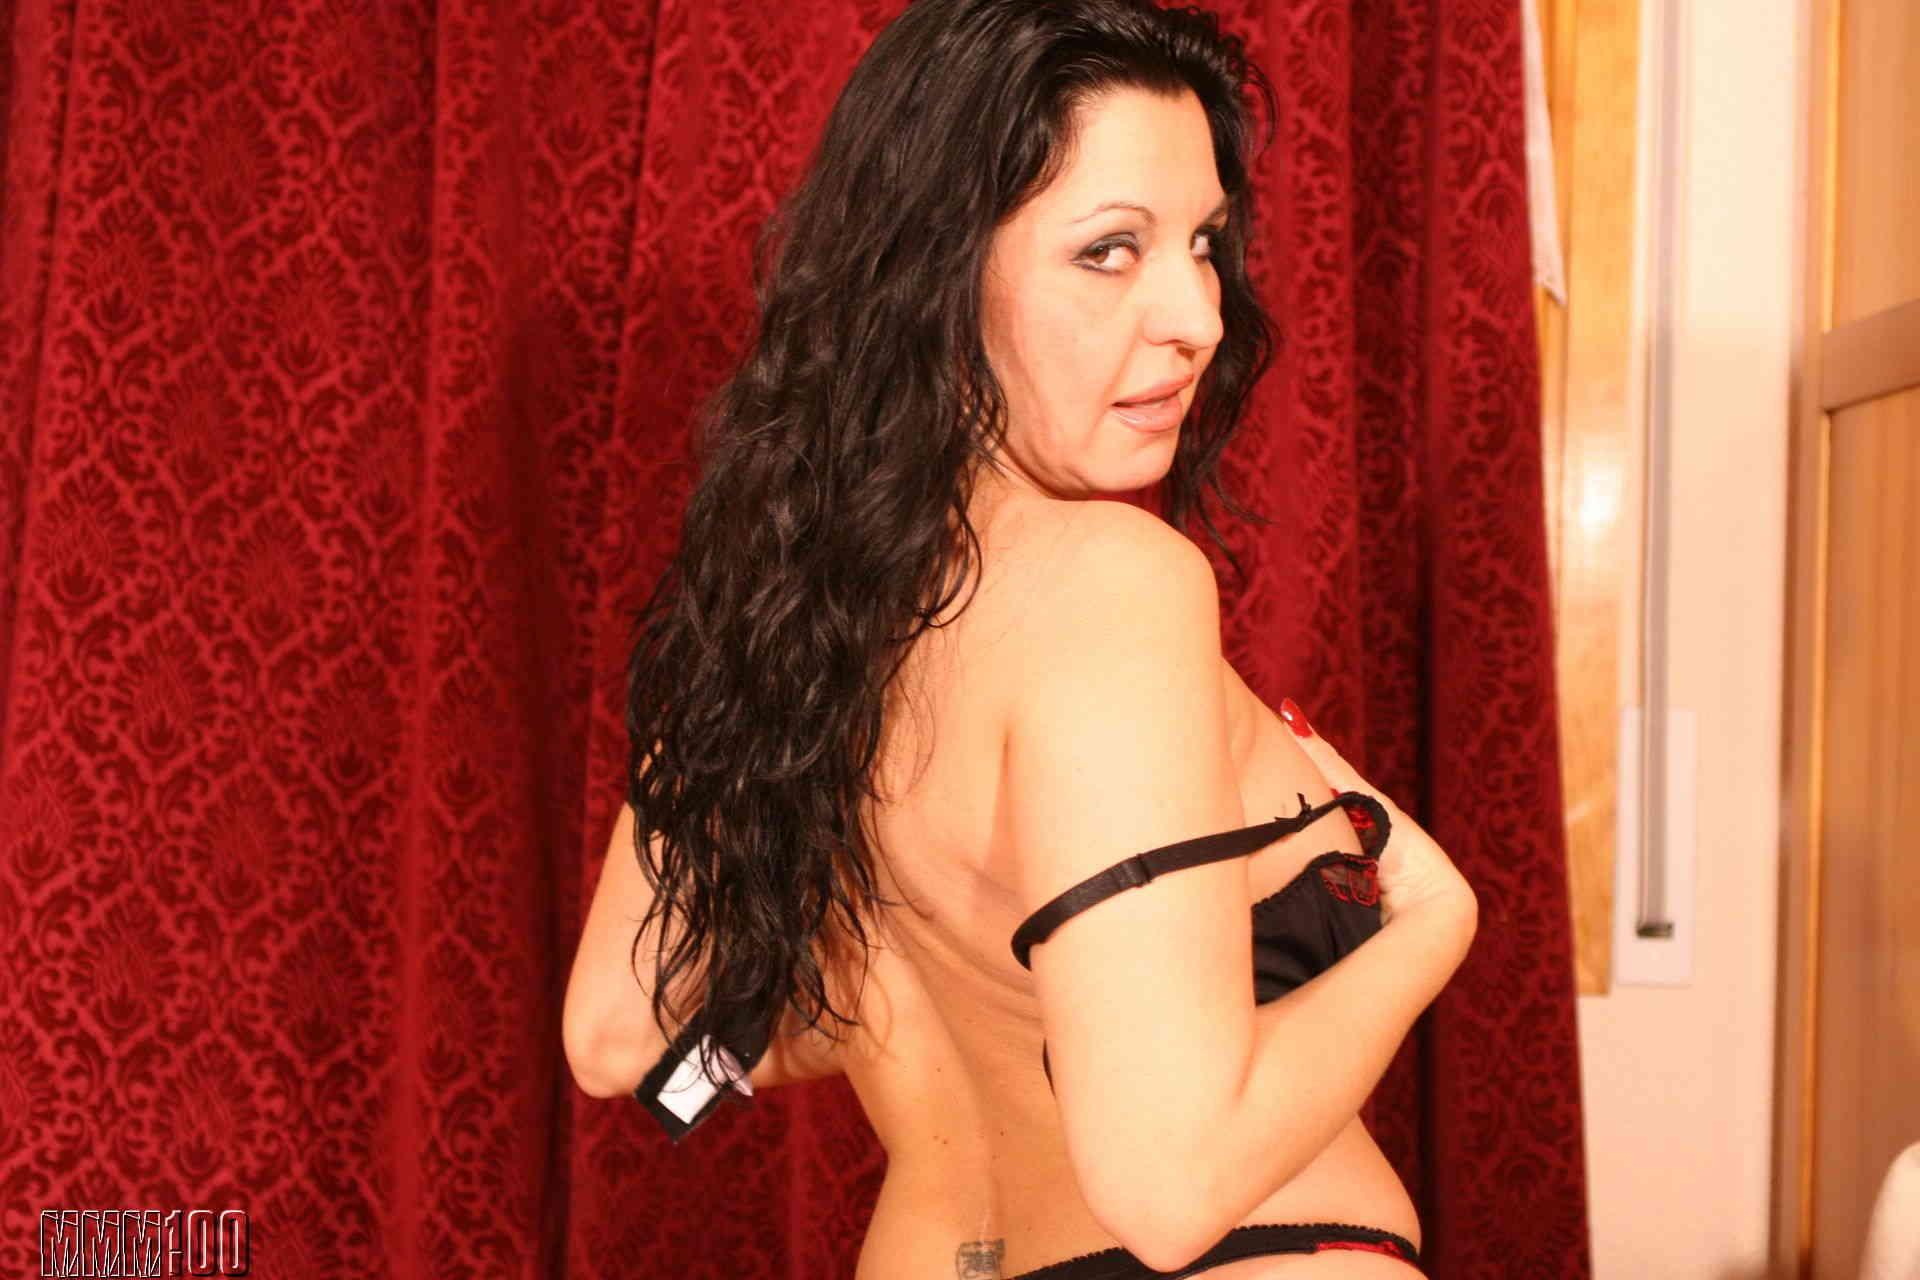 Actriz Porno Española Sonia showing media & posts for sonia rox espanola xxx | www.veu.xxx